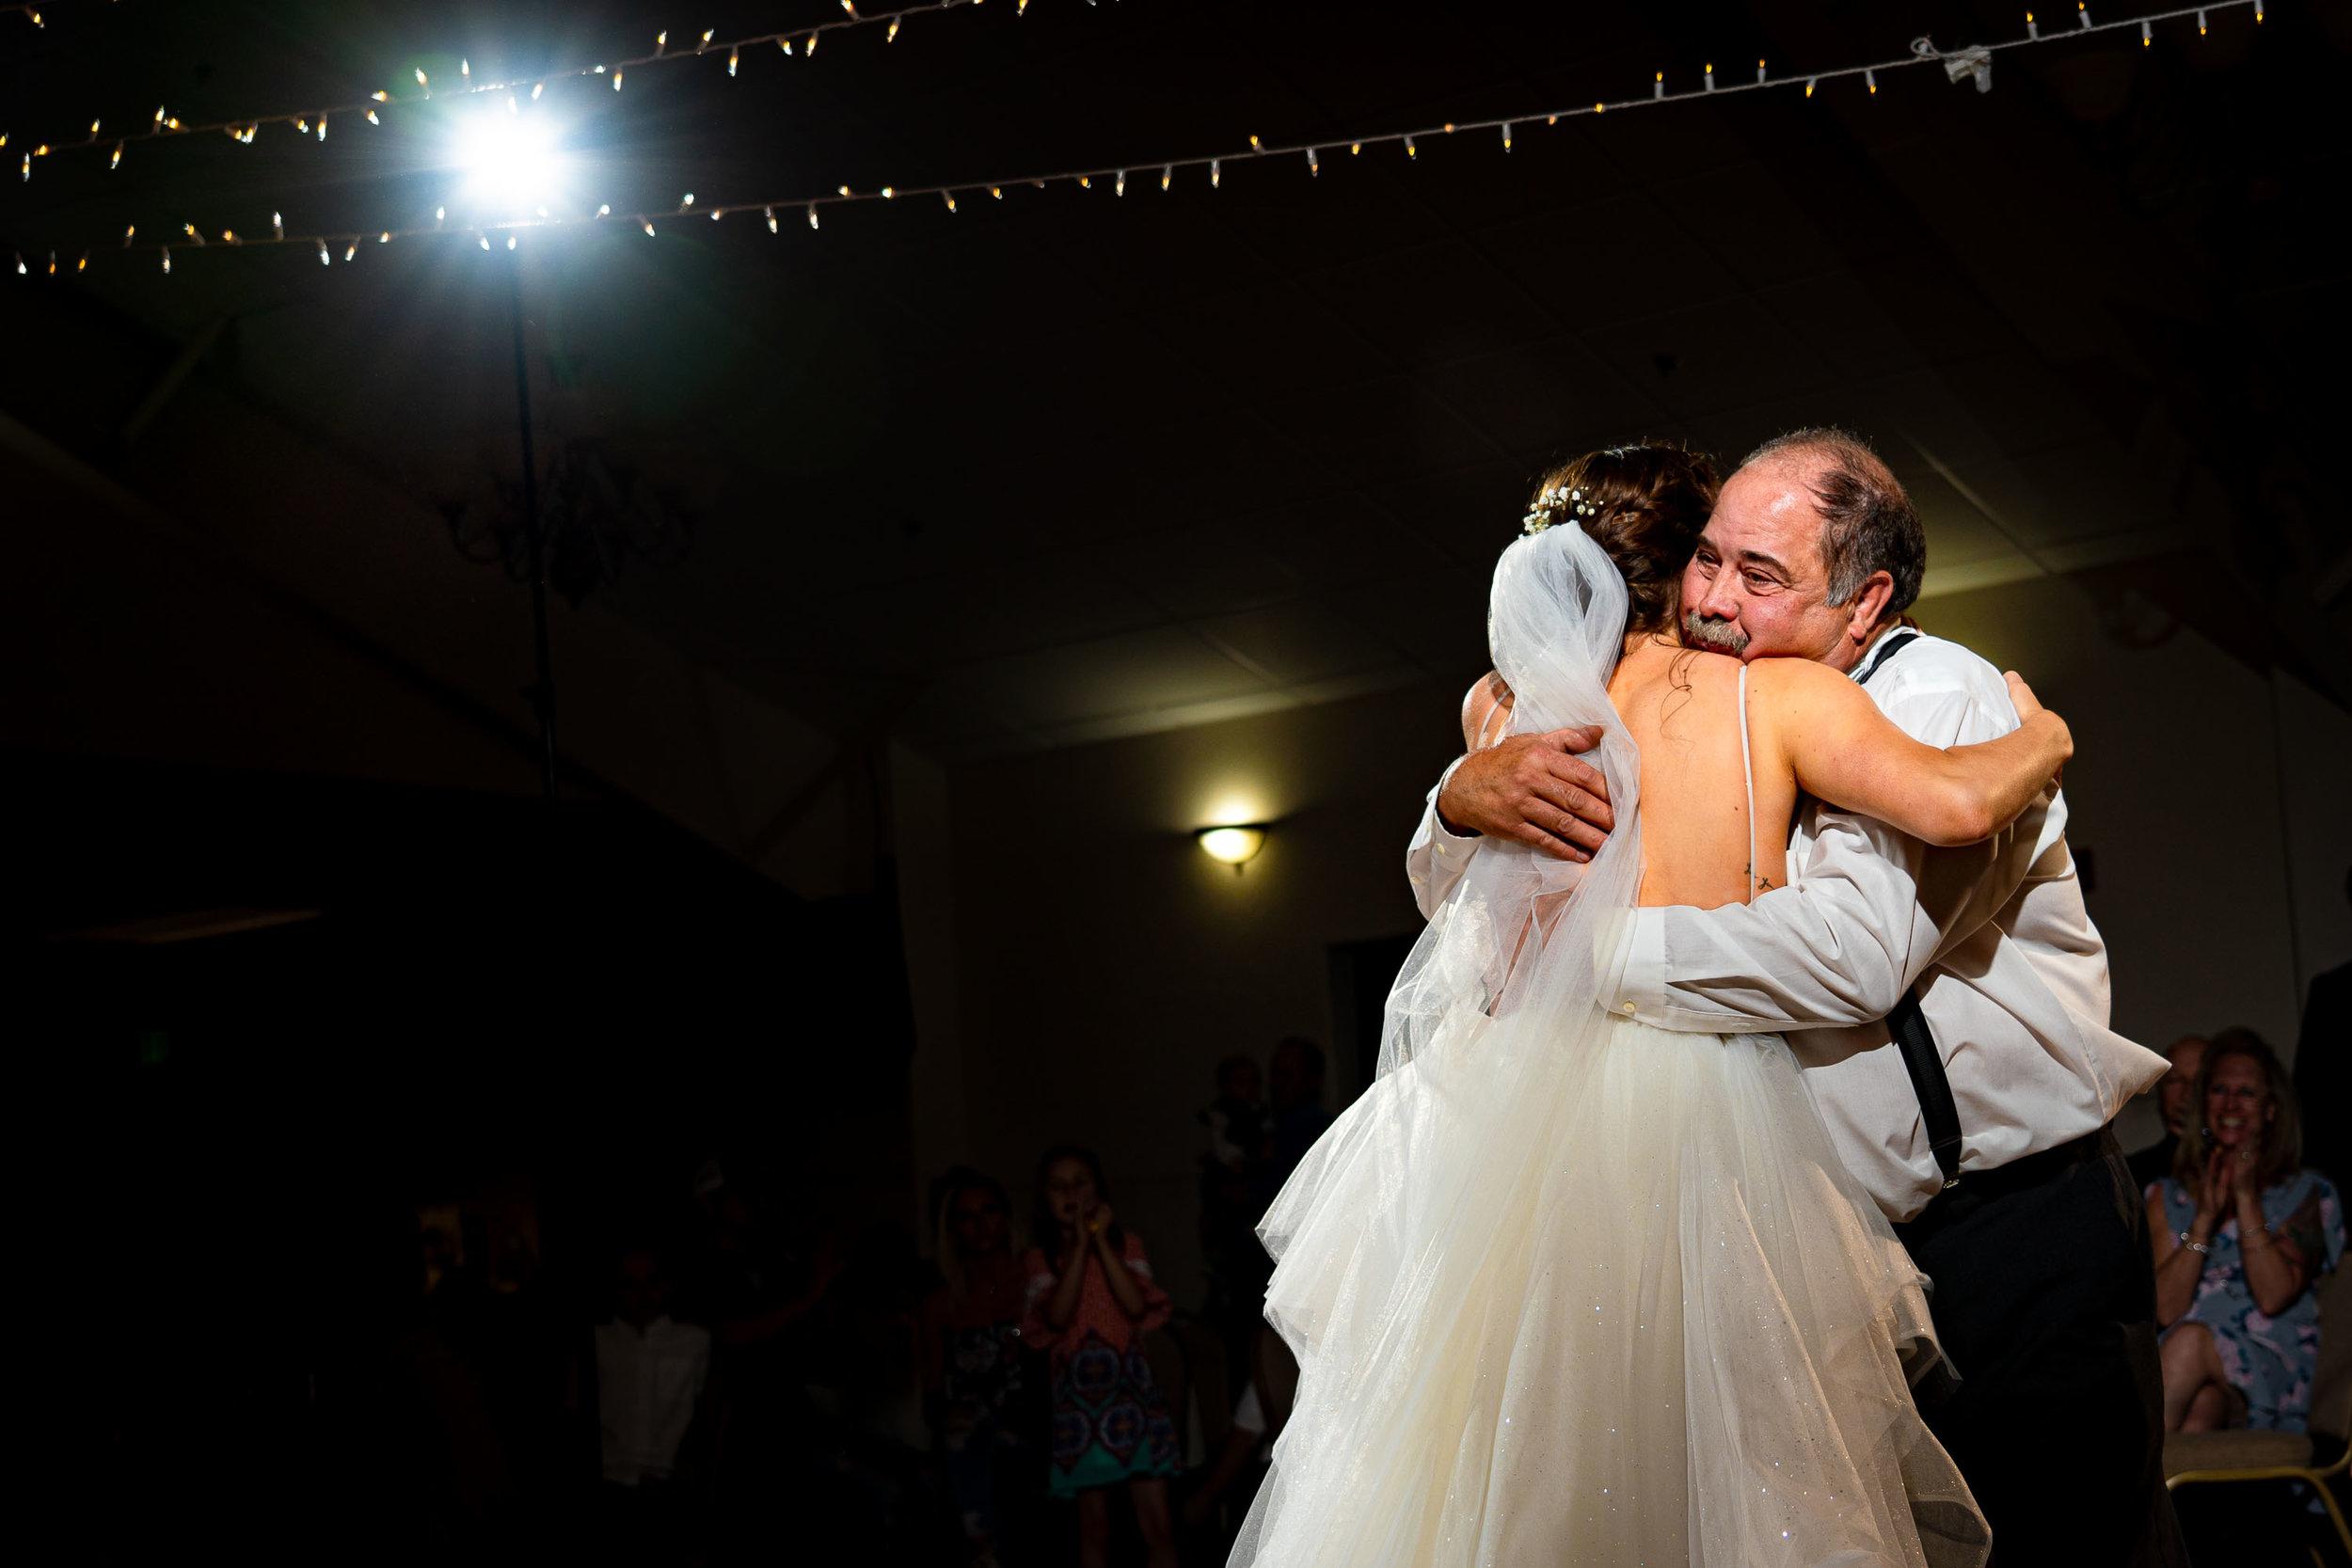 Kelsie_Nick_Ouray_Wedding-214.jpg